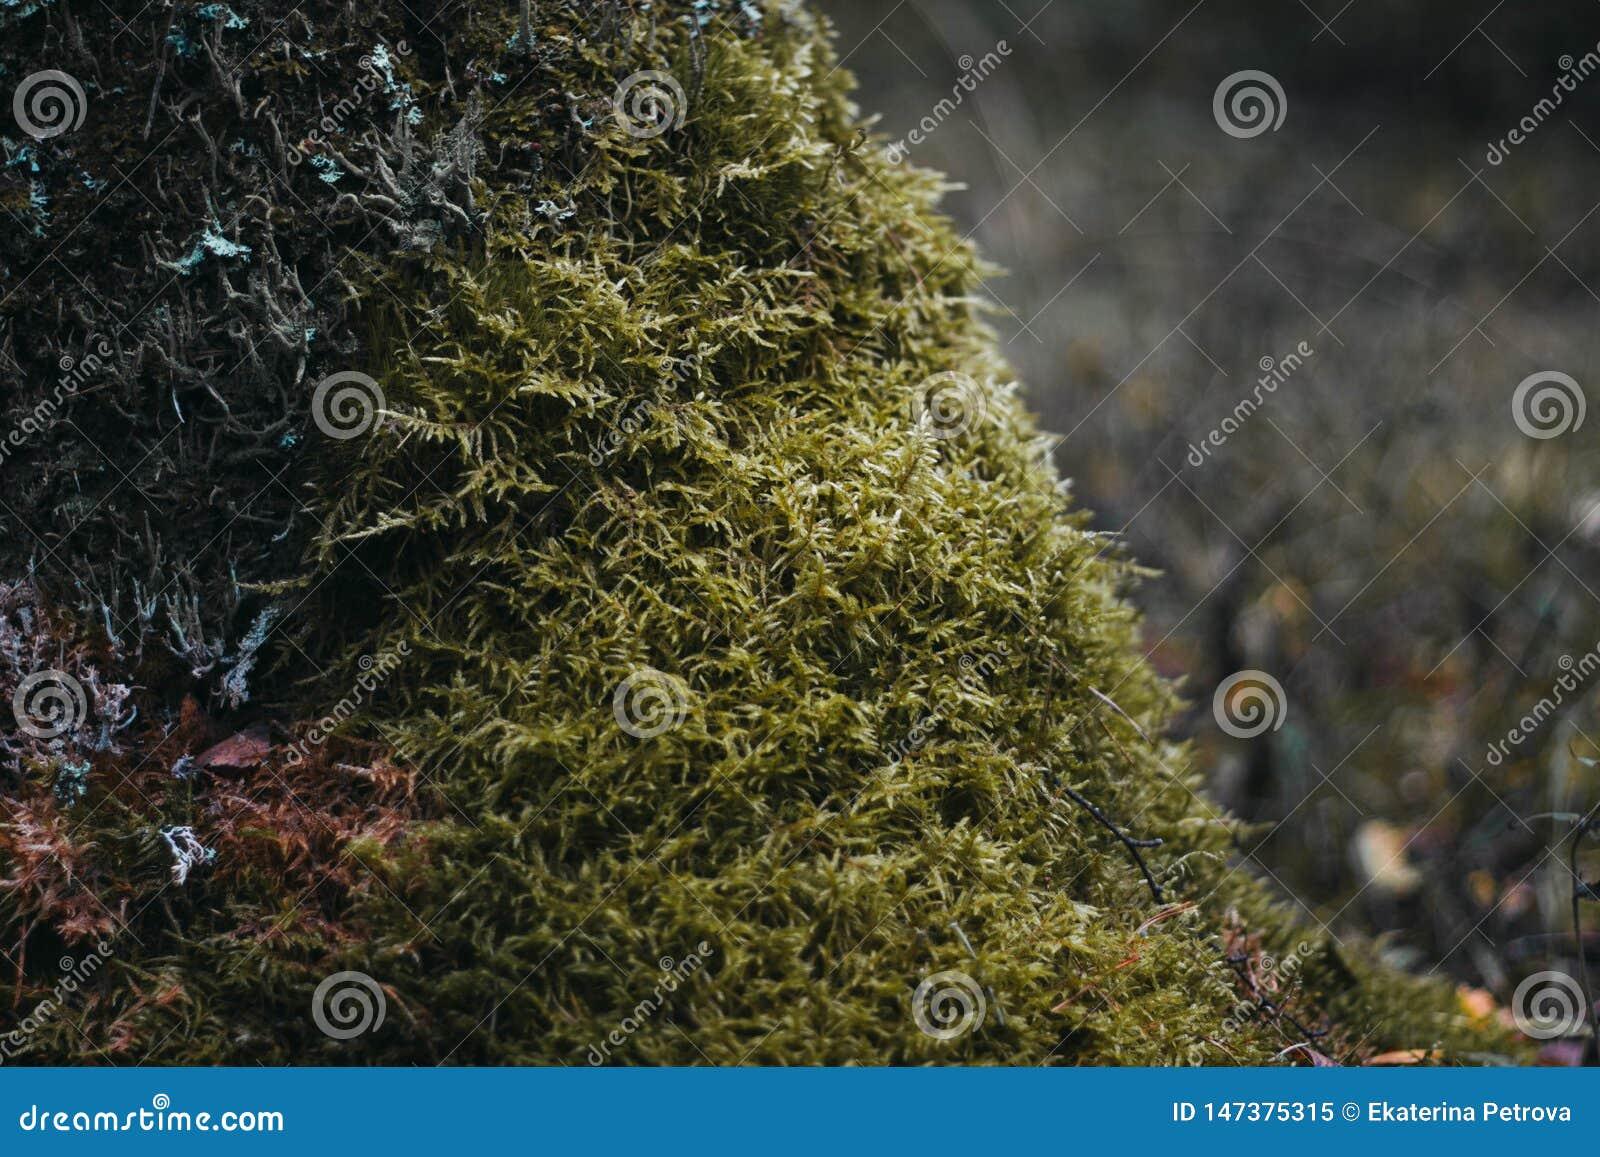 Gr?nes Moos auf einem Baum in der Waldnahaufnahme Oberfläche umfasst mit Moos Makromoos Moos im Wald